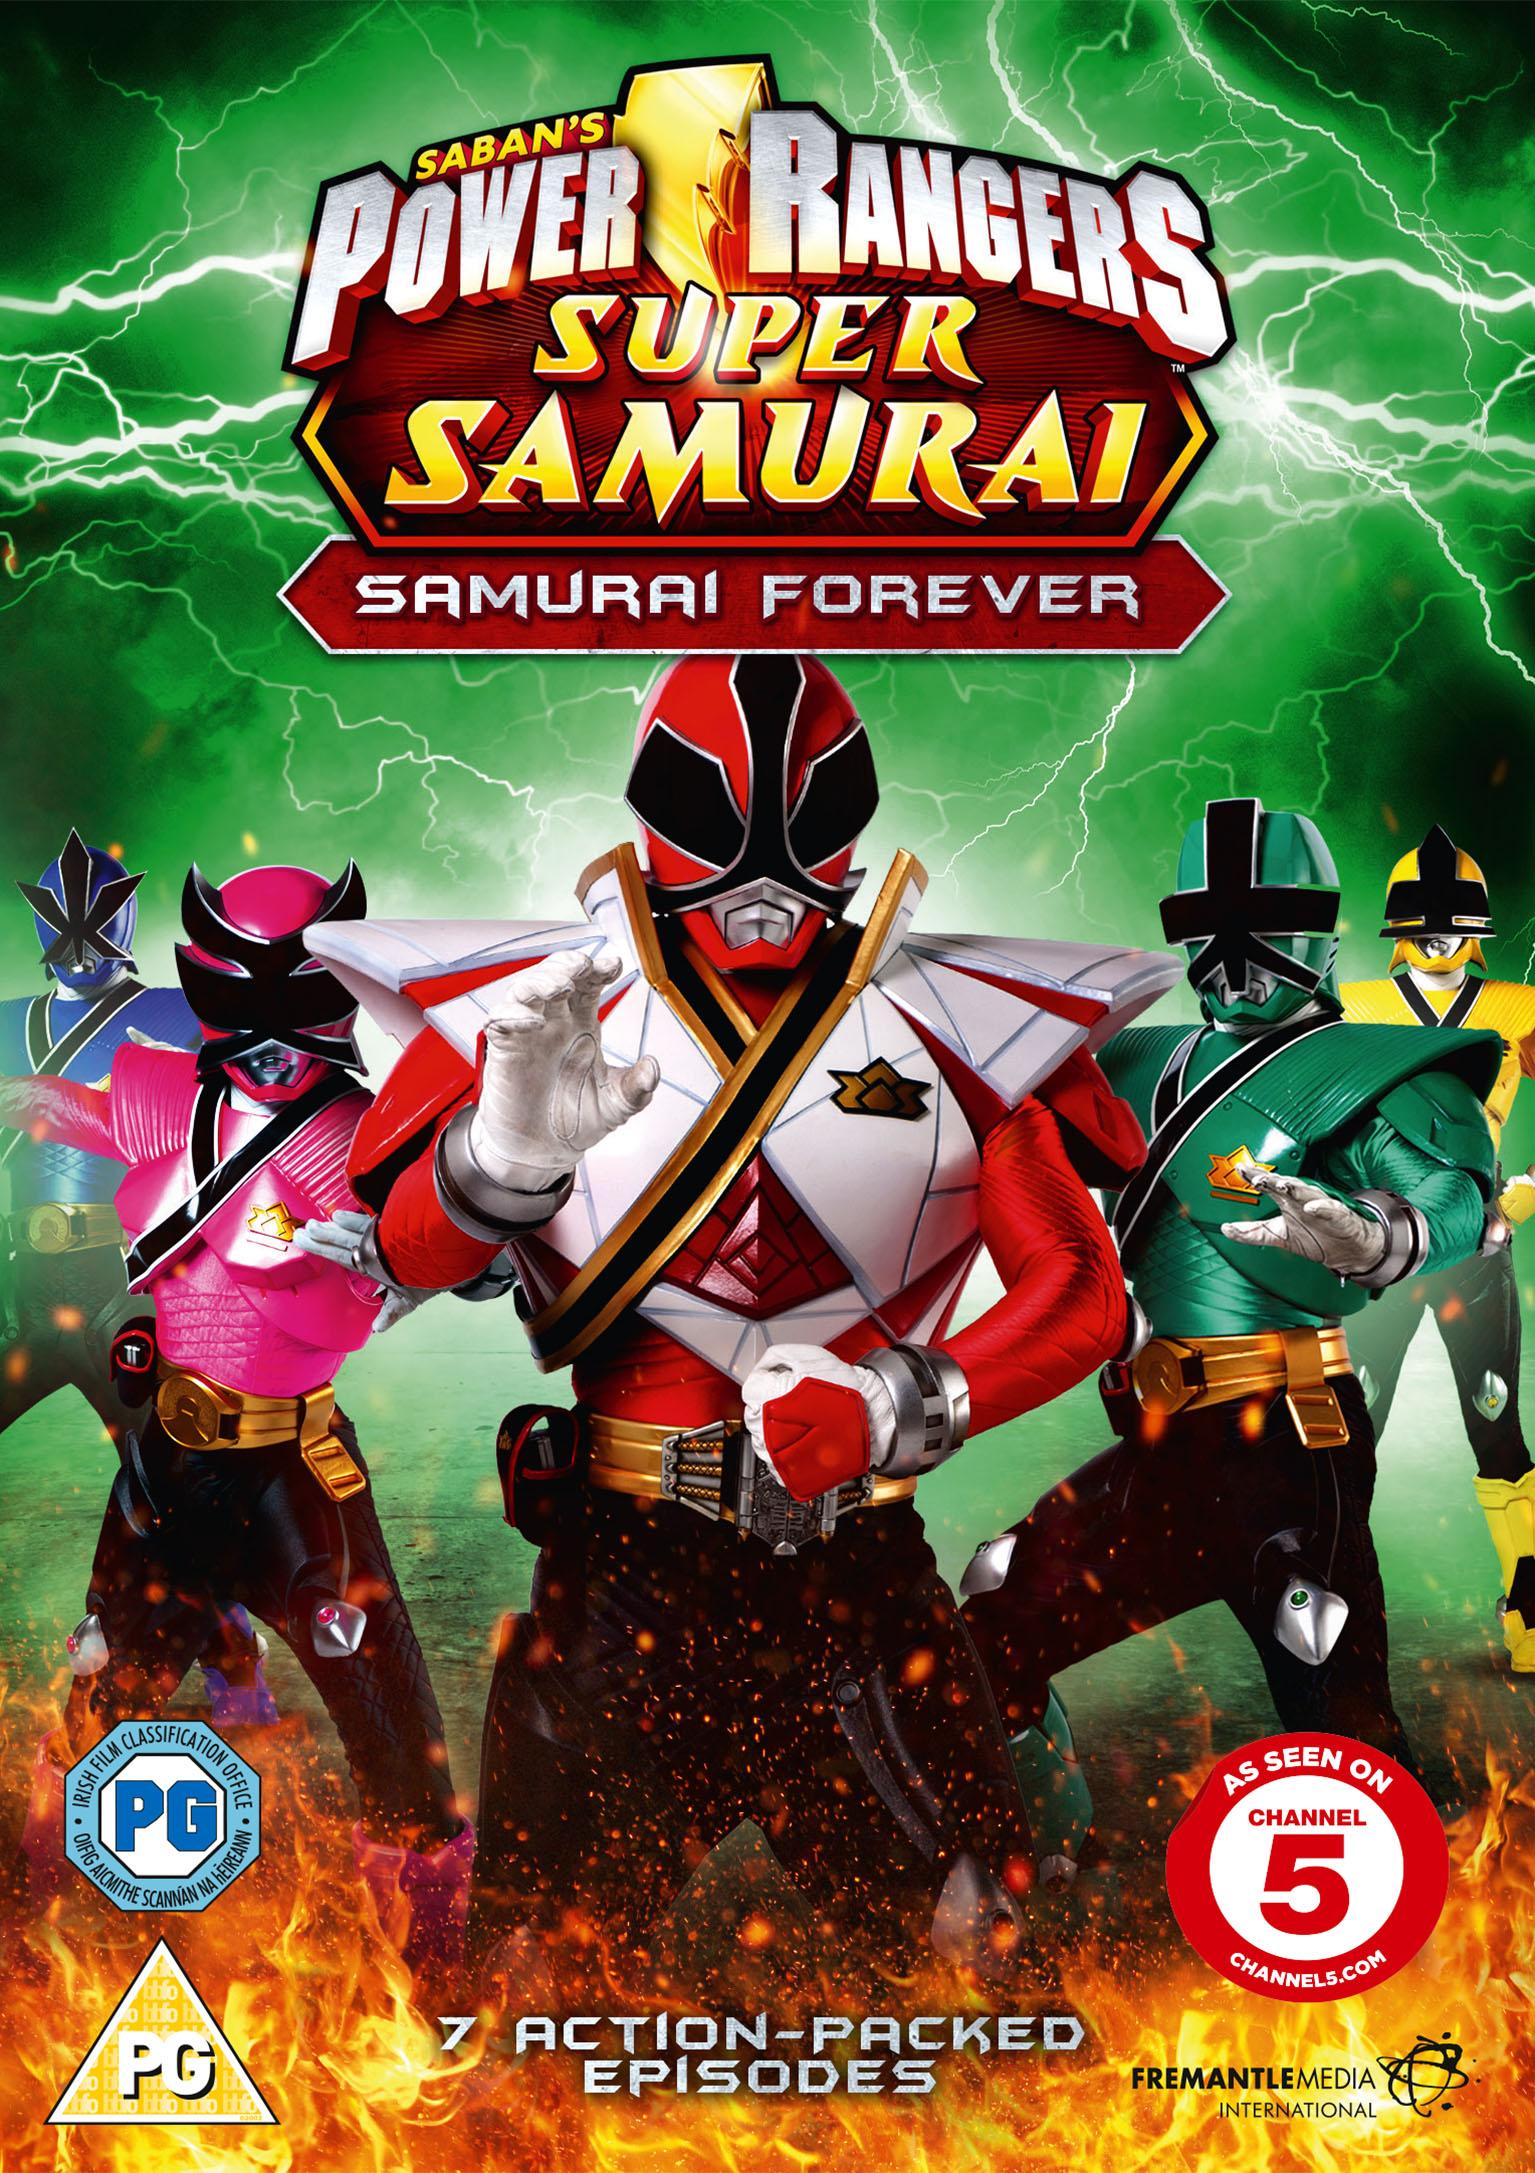 Power rangers super samurai volume 3 samurai forever - Jeux de power rangers super samurai ...